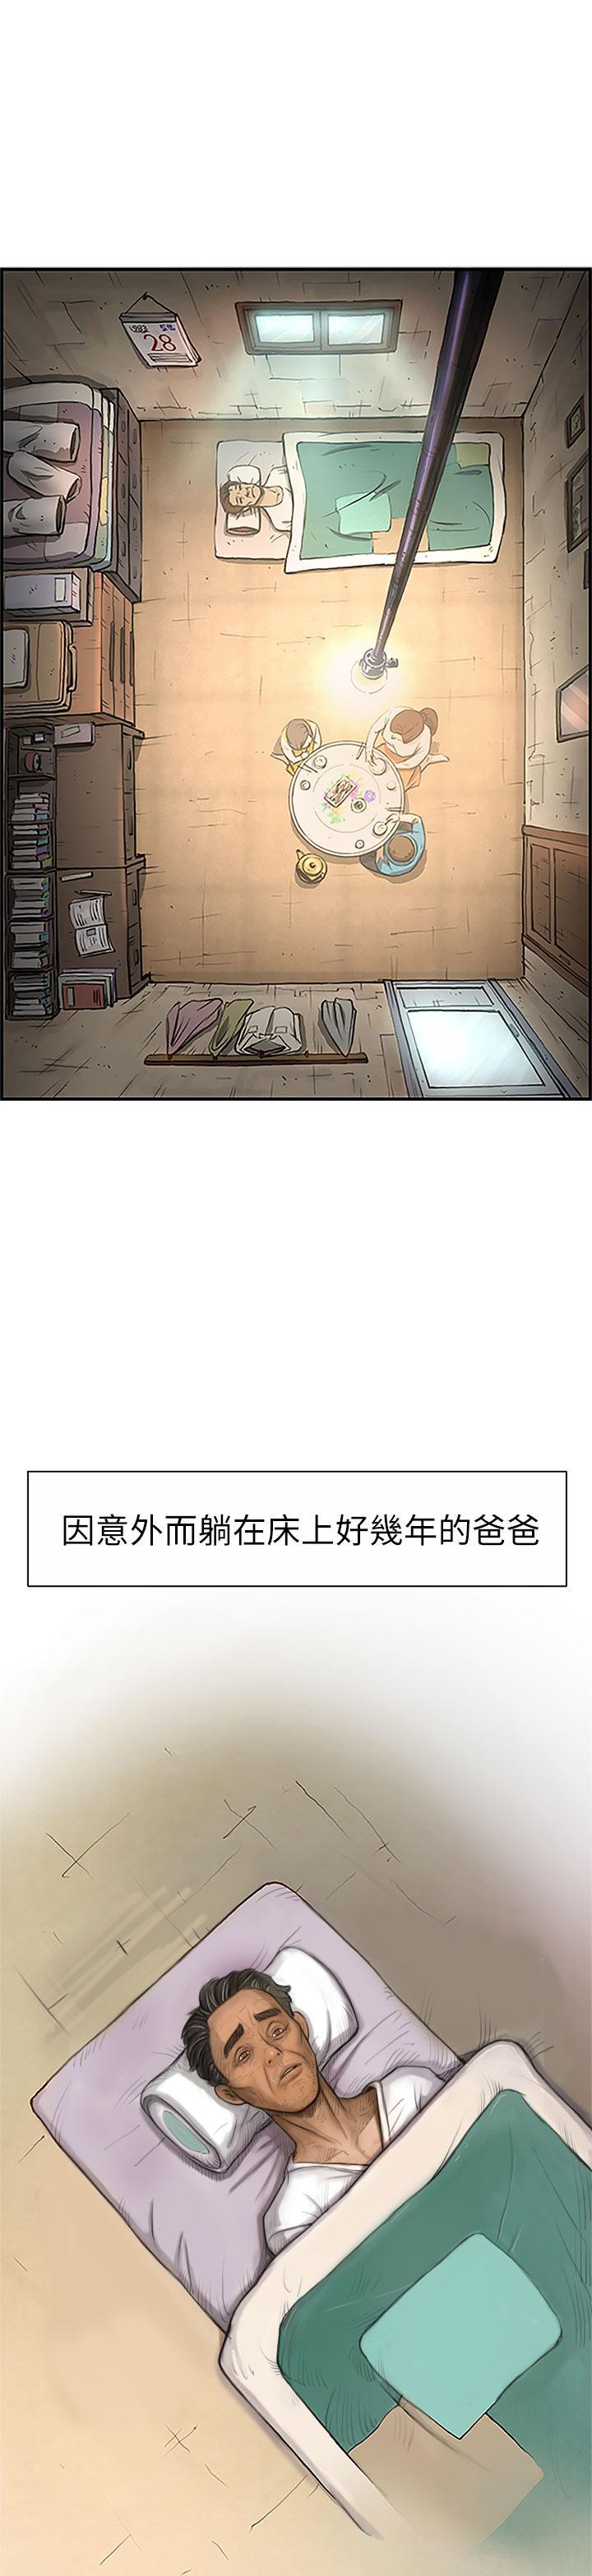 姊姊: 莲 第1~10話 [Chinese]中文 35